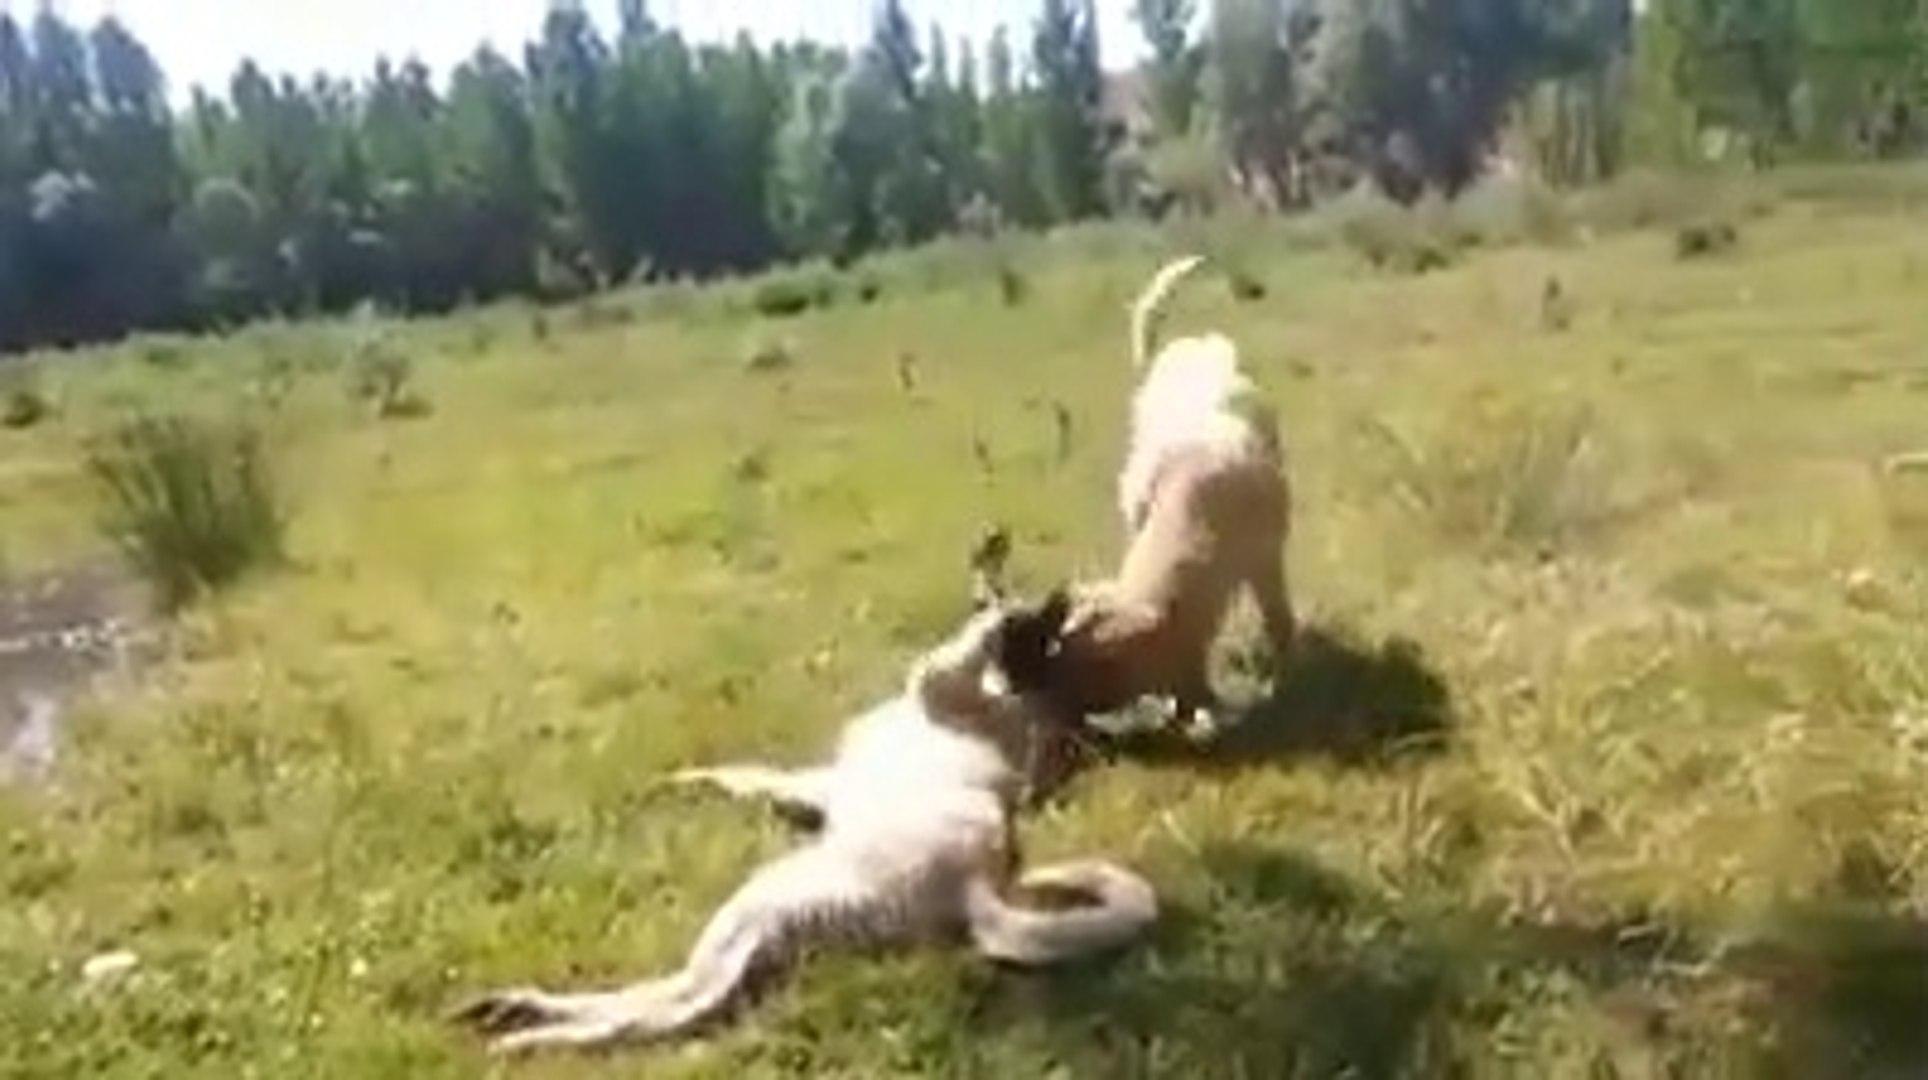 GENC COBAN KOPEKLERiNiN DOGADA MUTLU ANLARI - YOUNG SHEPHERD DOGS